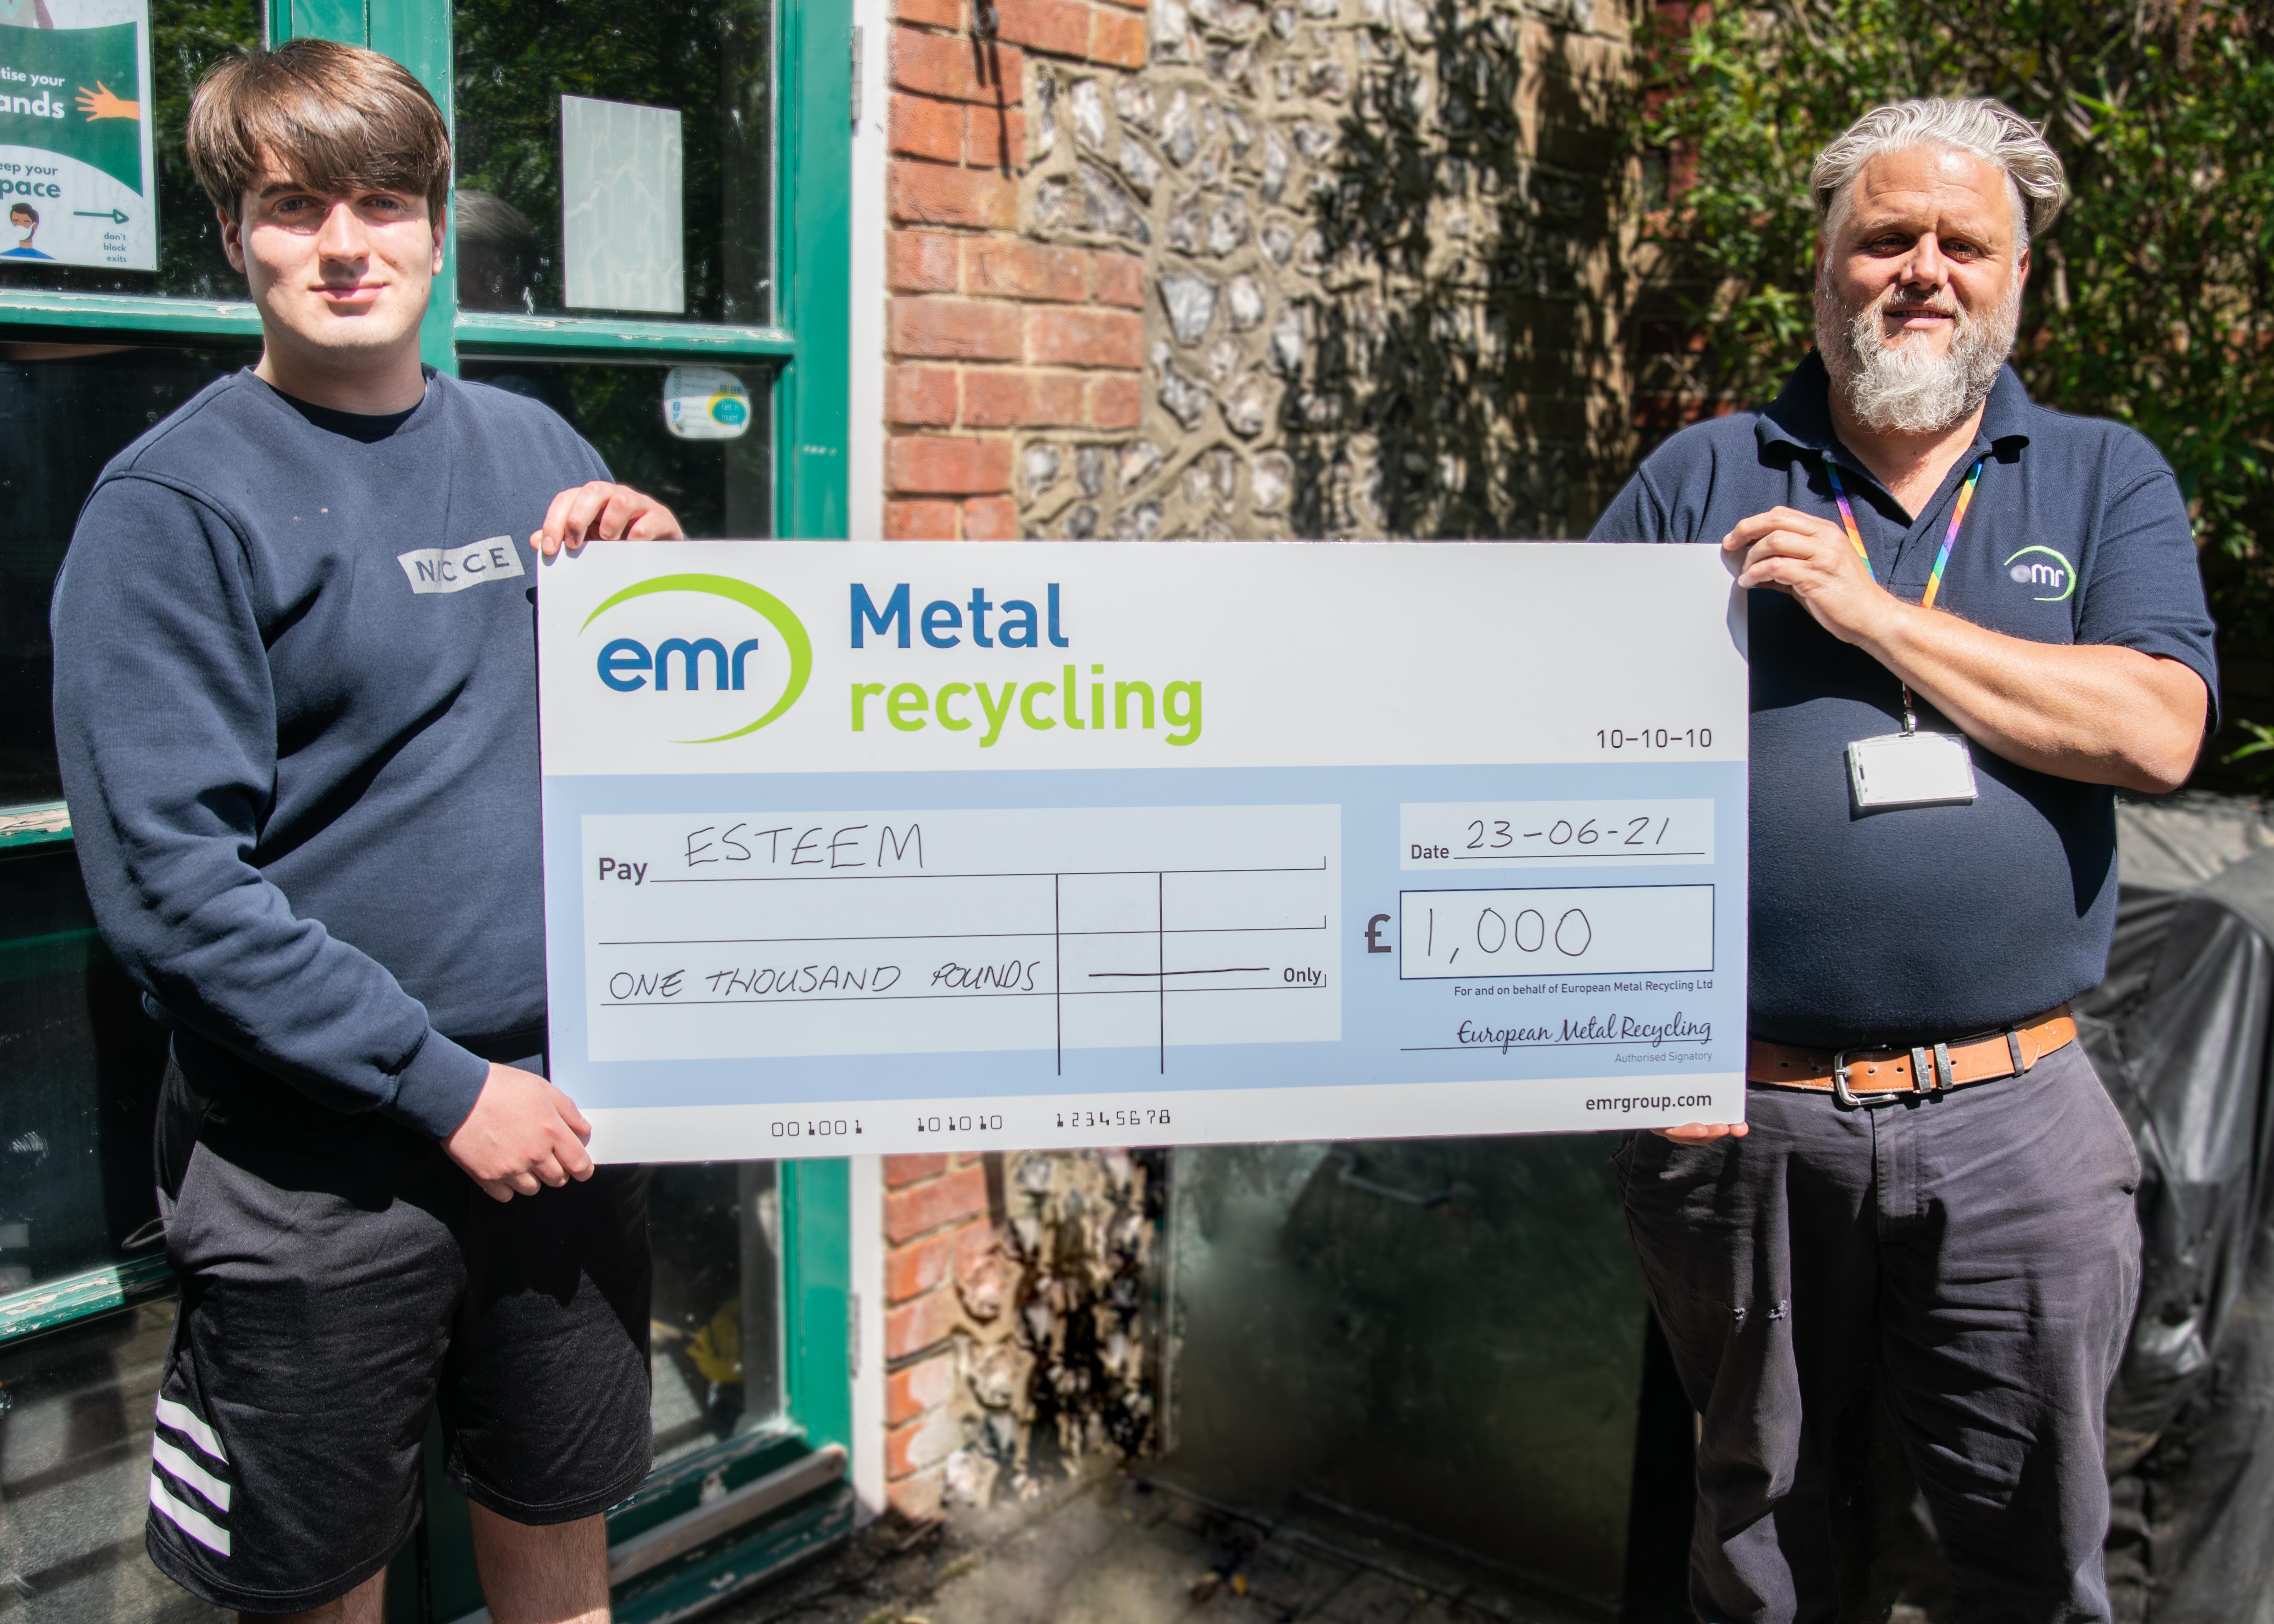 Tony Wenham, Operations Manager at EMR Shoreham, awards donation to ESTEEM